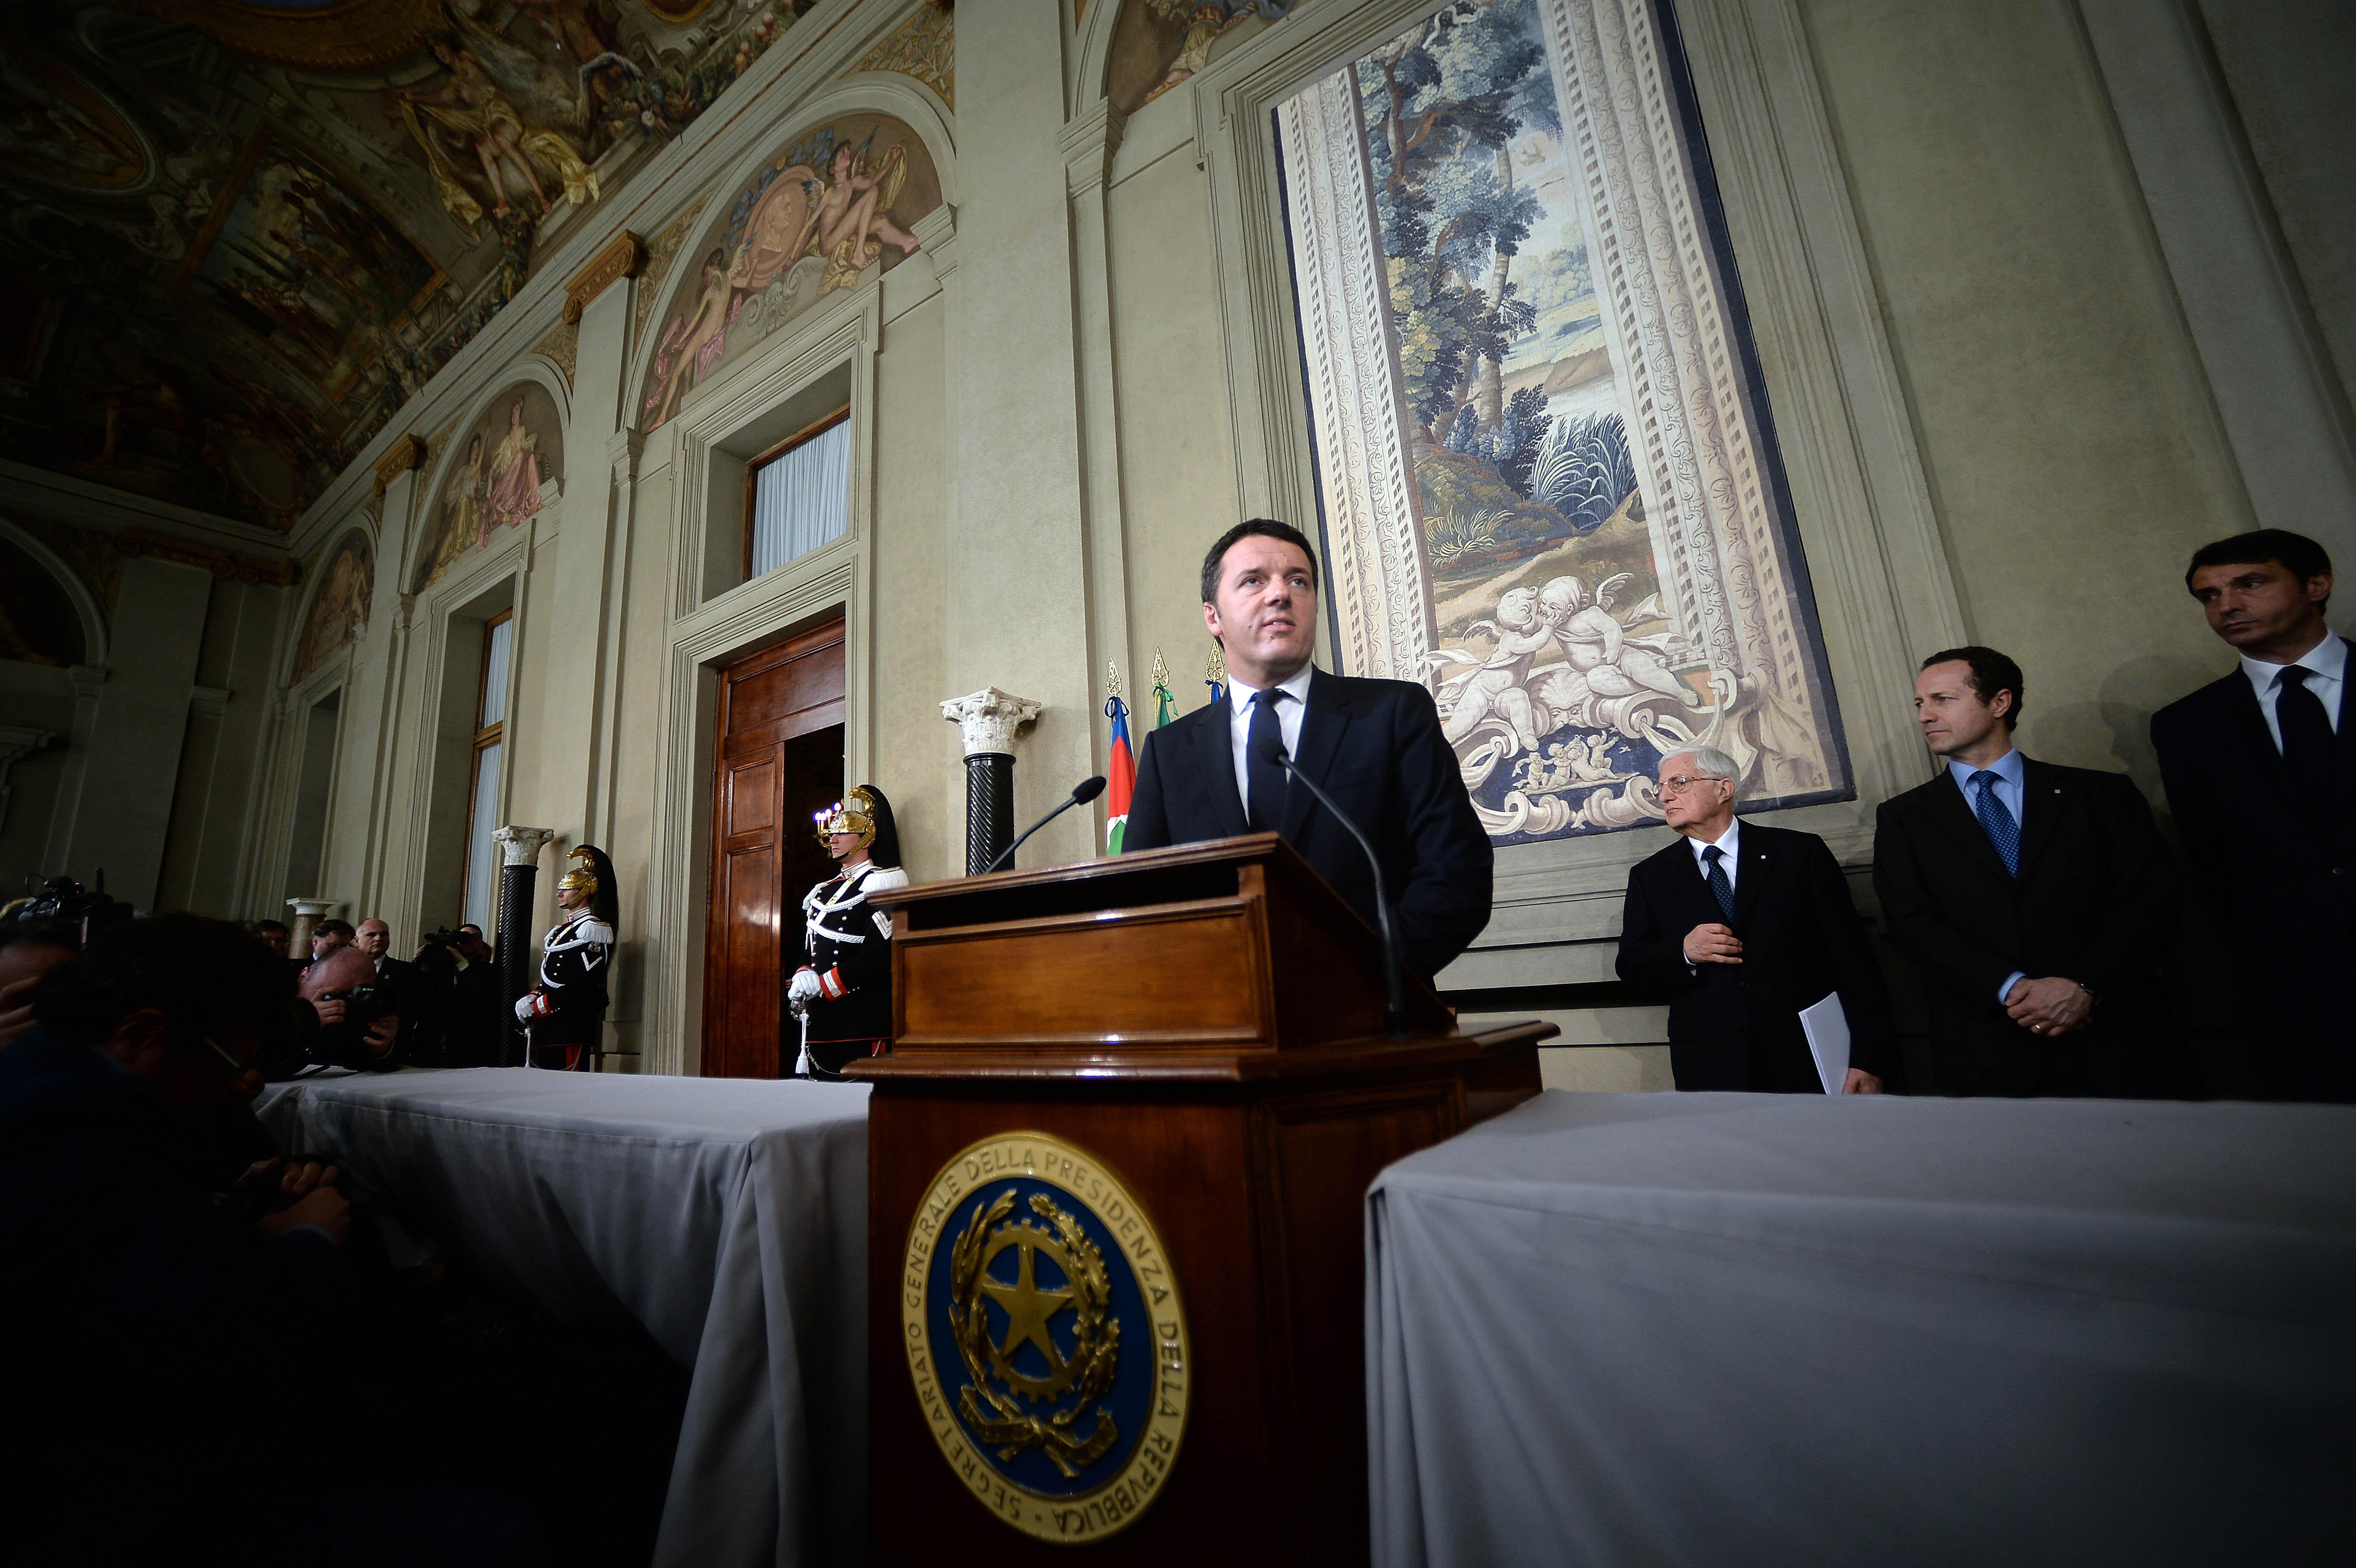 Ecco i ministri del Governo Renzi. Metà sono donne